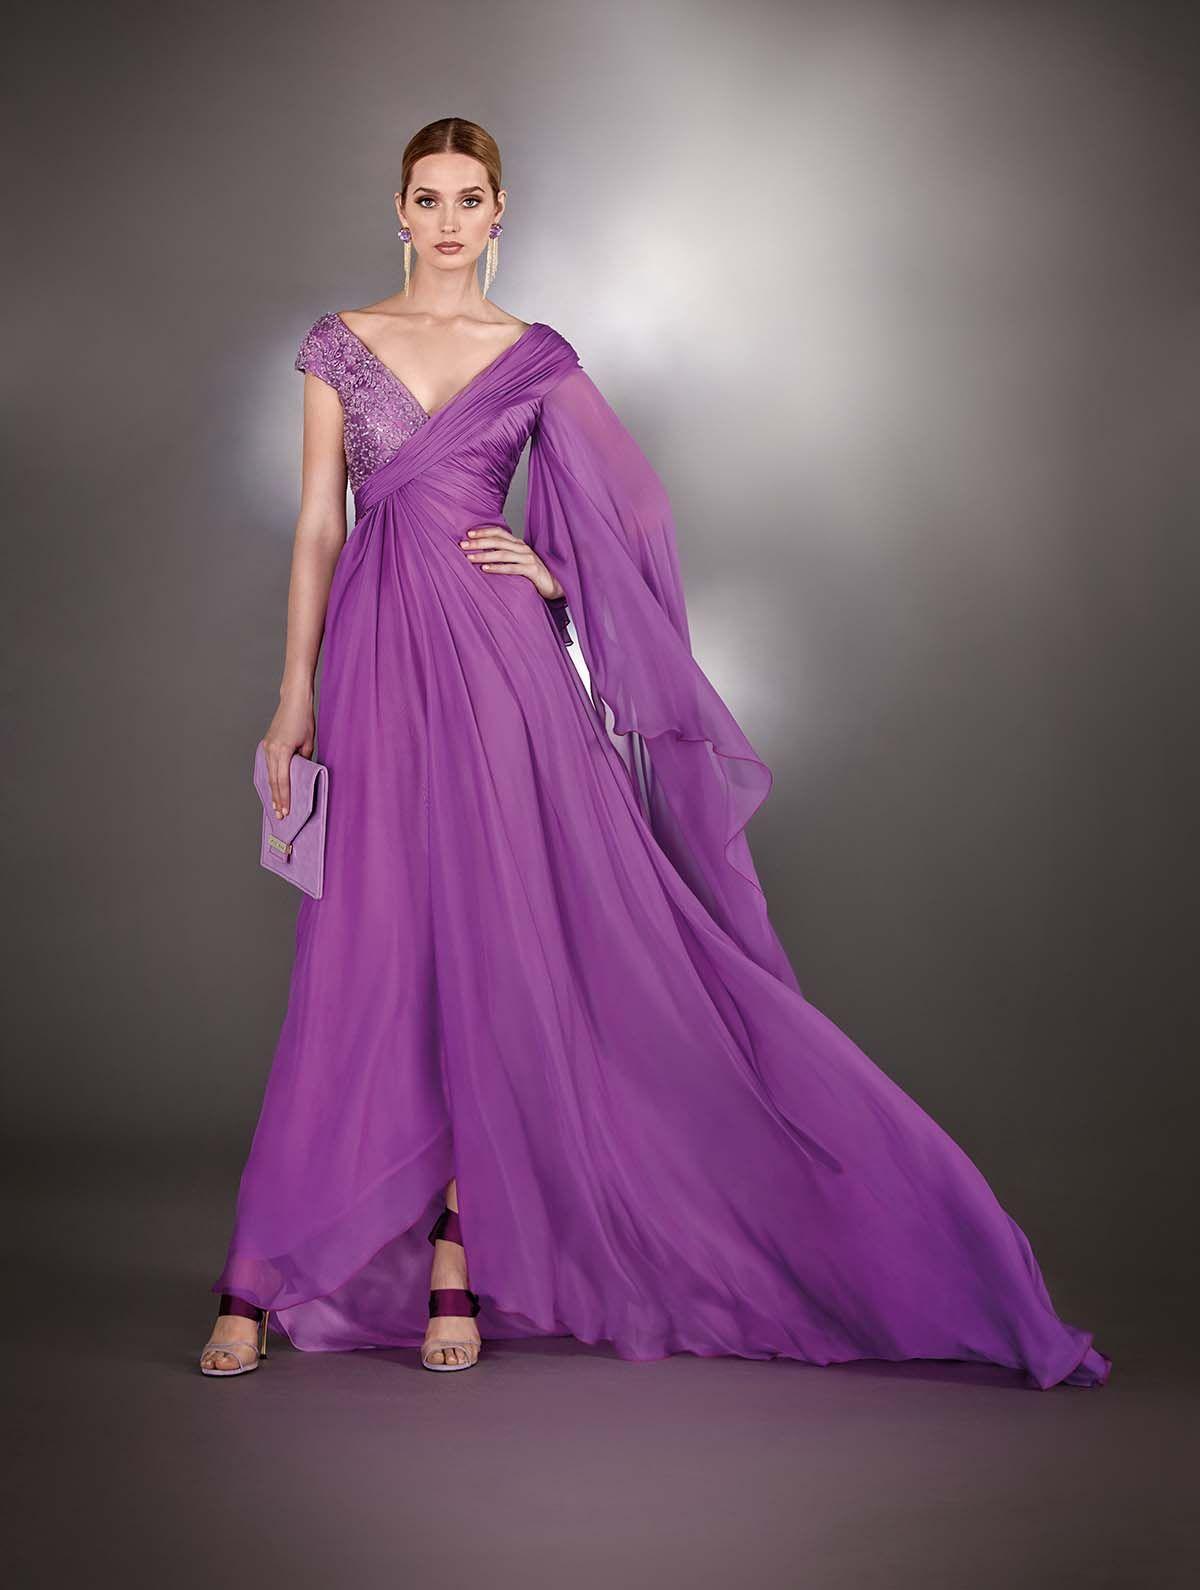 Dorable Vestido De Fiesta De Grace Kelly Embellecimiento - Ideas de ...